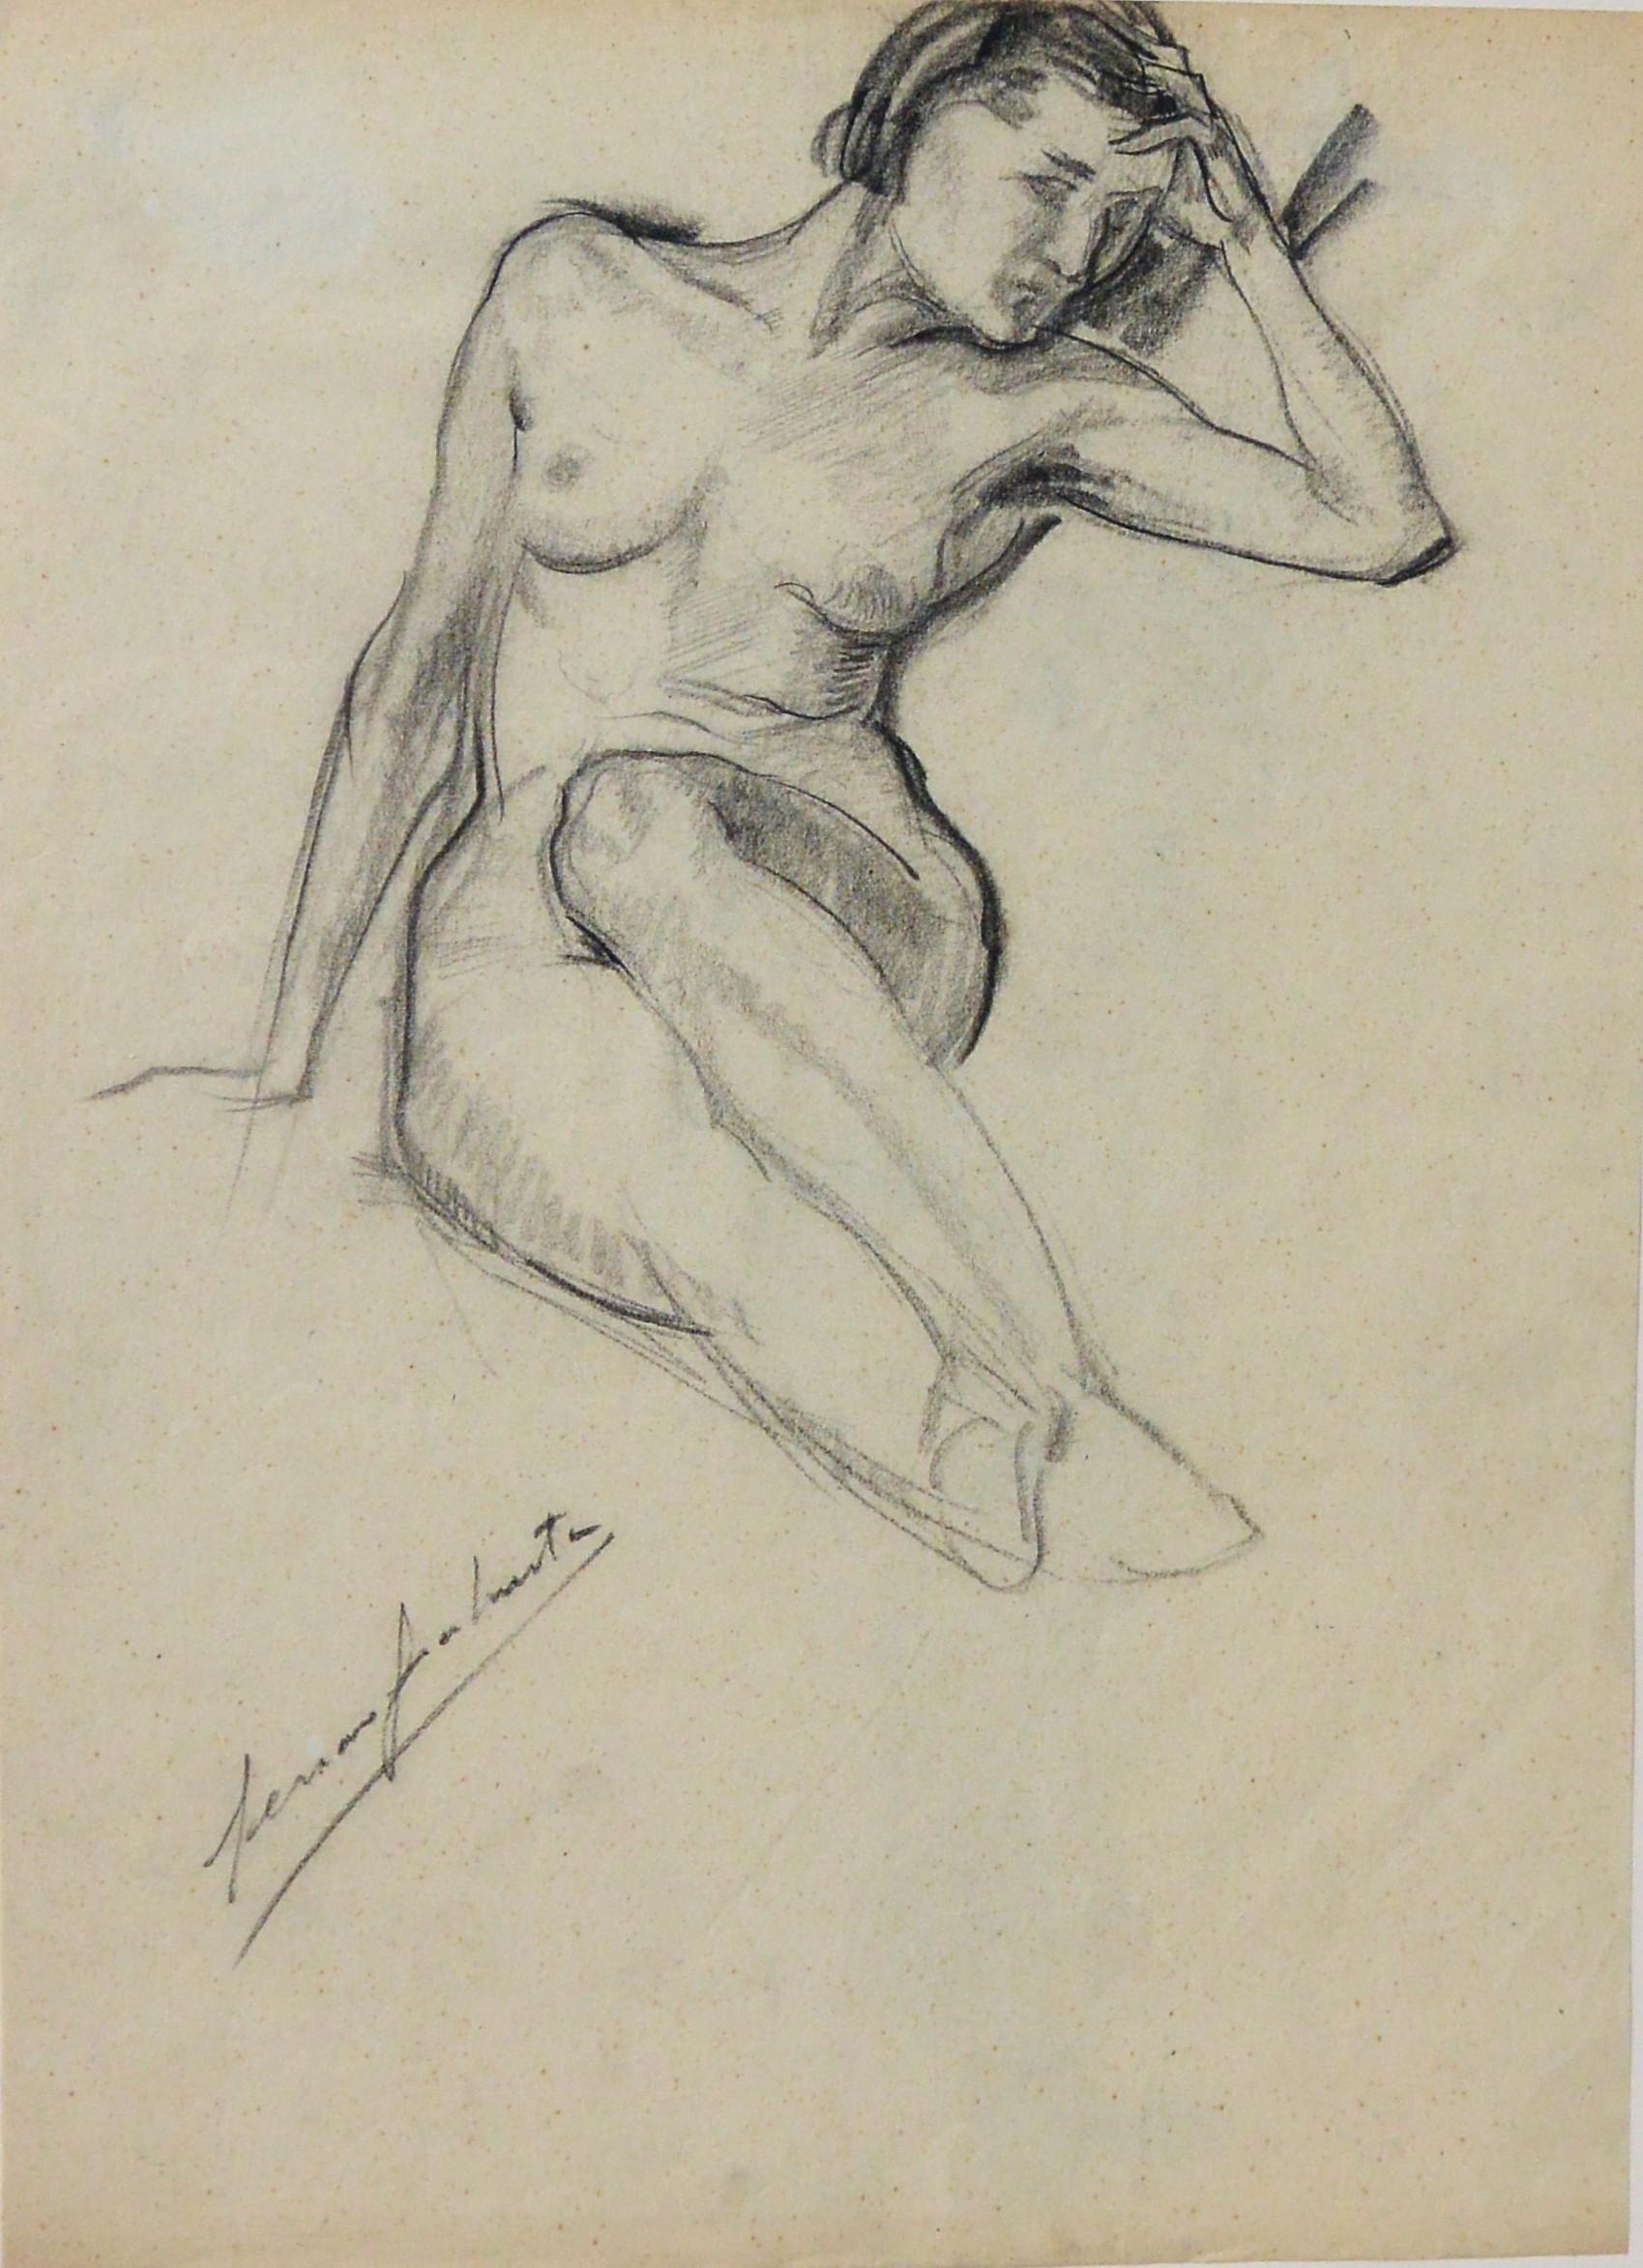 Genaro Lahuerta Estudio De Mujer Desnuda Dibujo Carboncillo Papel Enmarcado